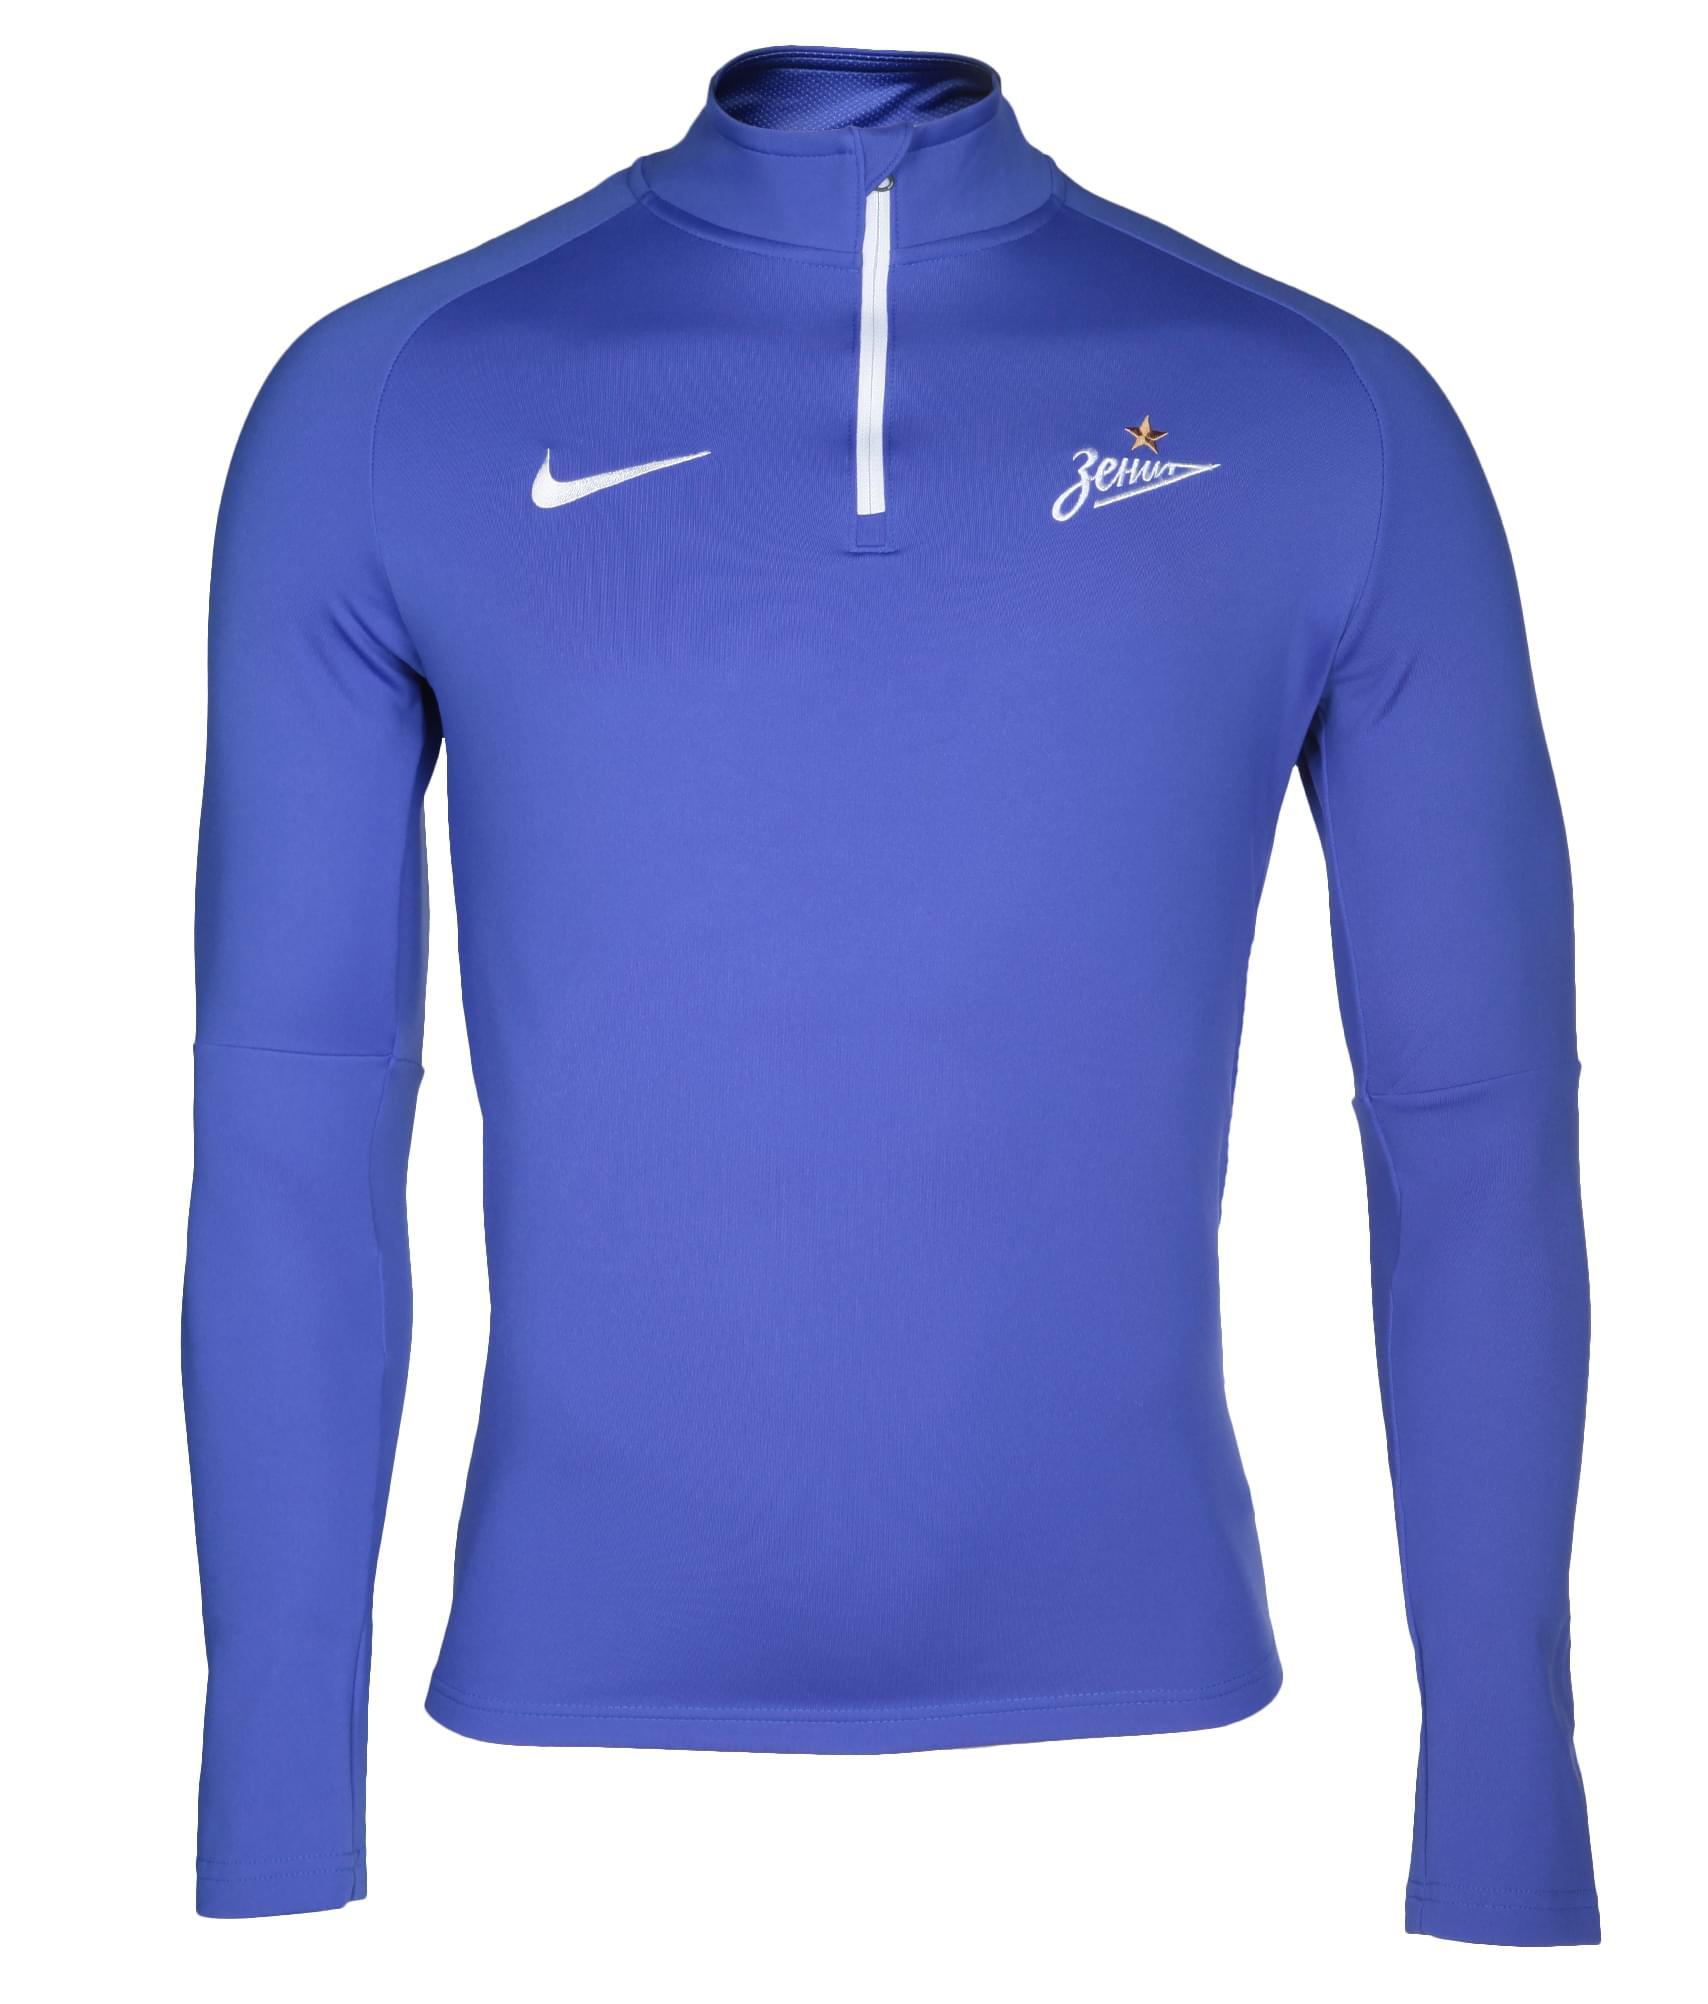 Джемпер тренировочный Nike, Цвет-Синий, Размер-M спортивные лифчики найк